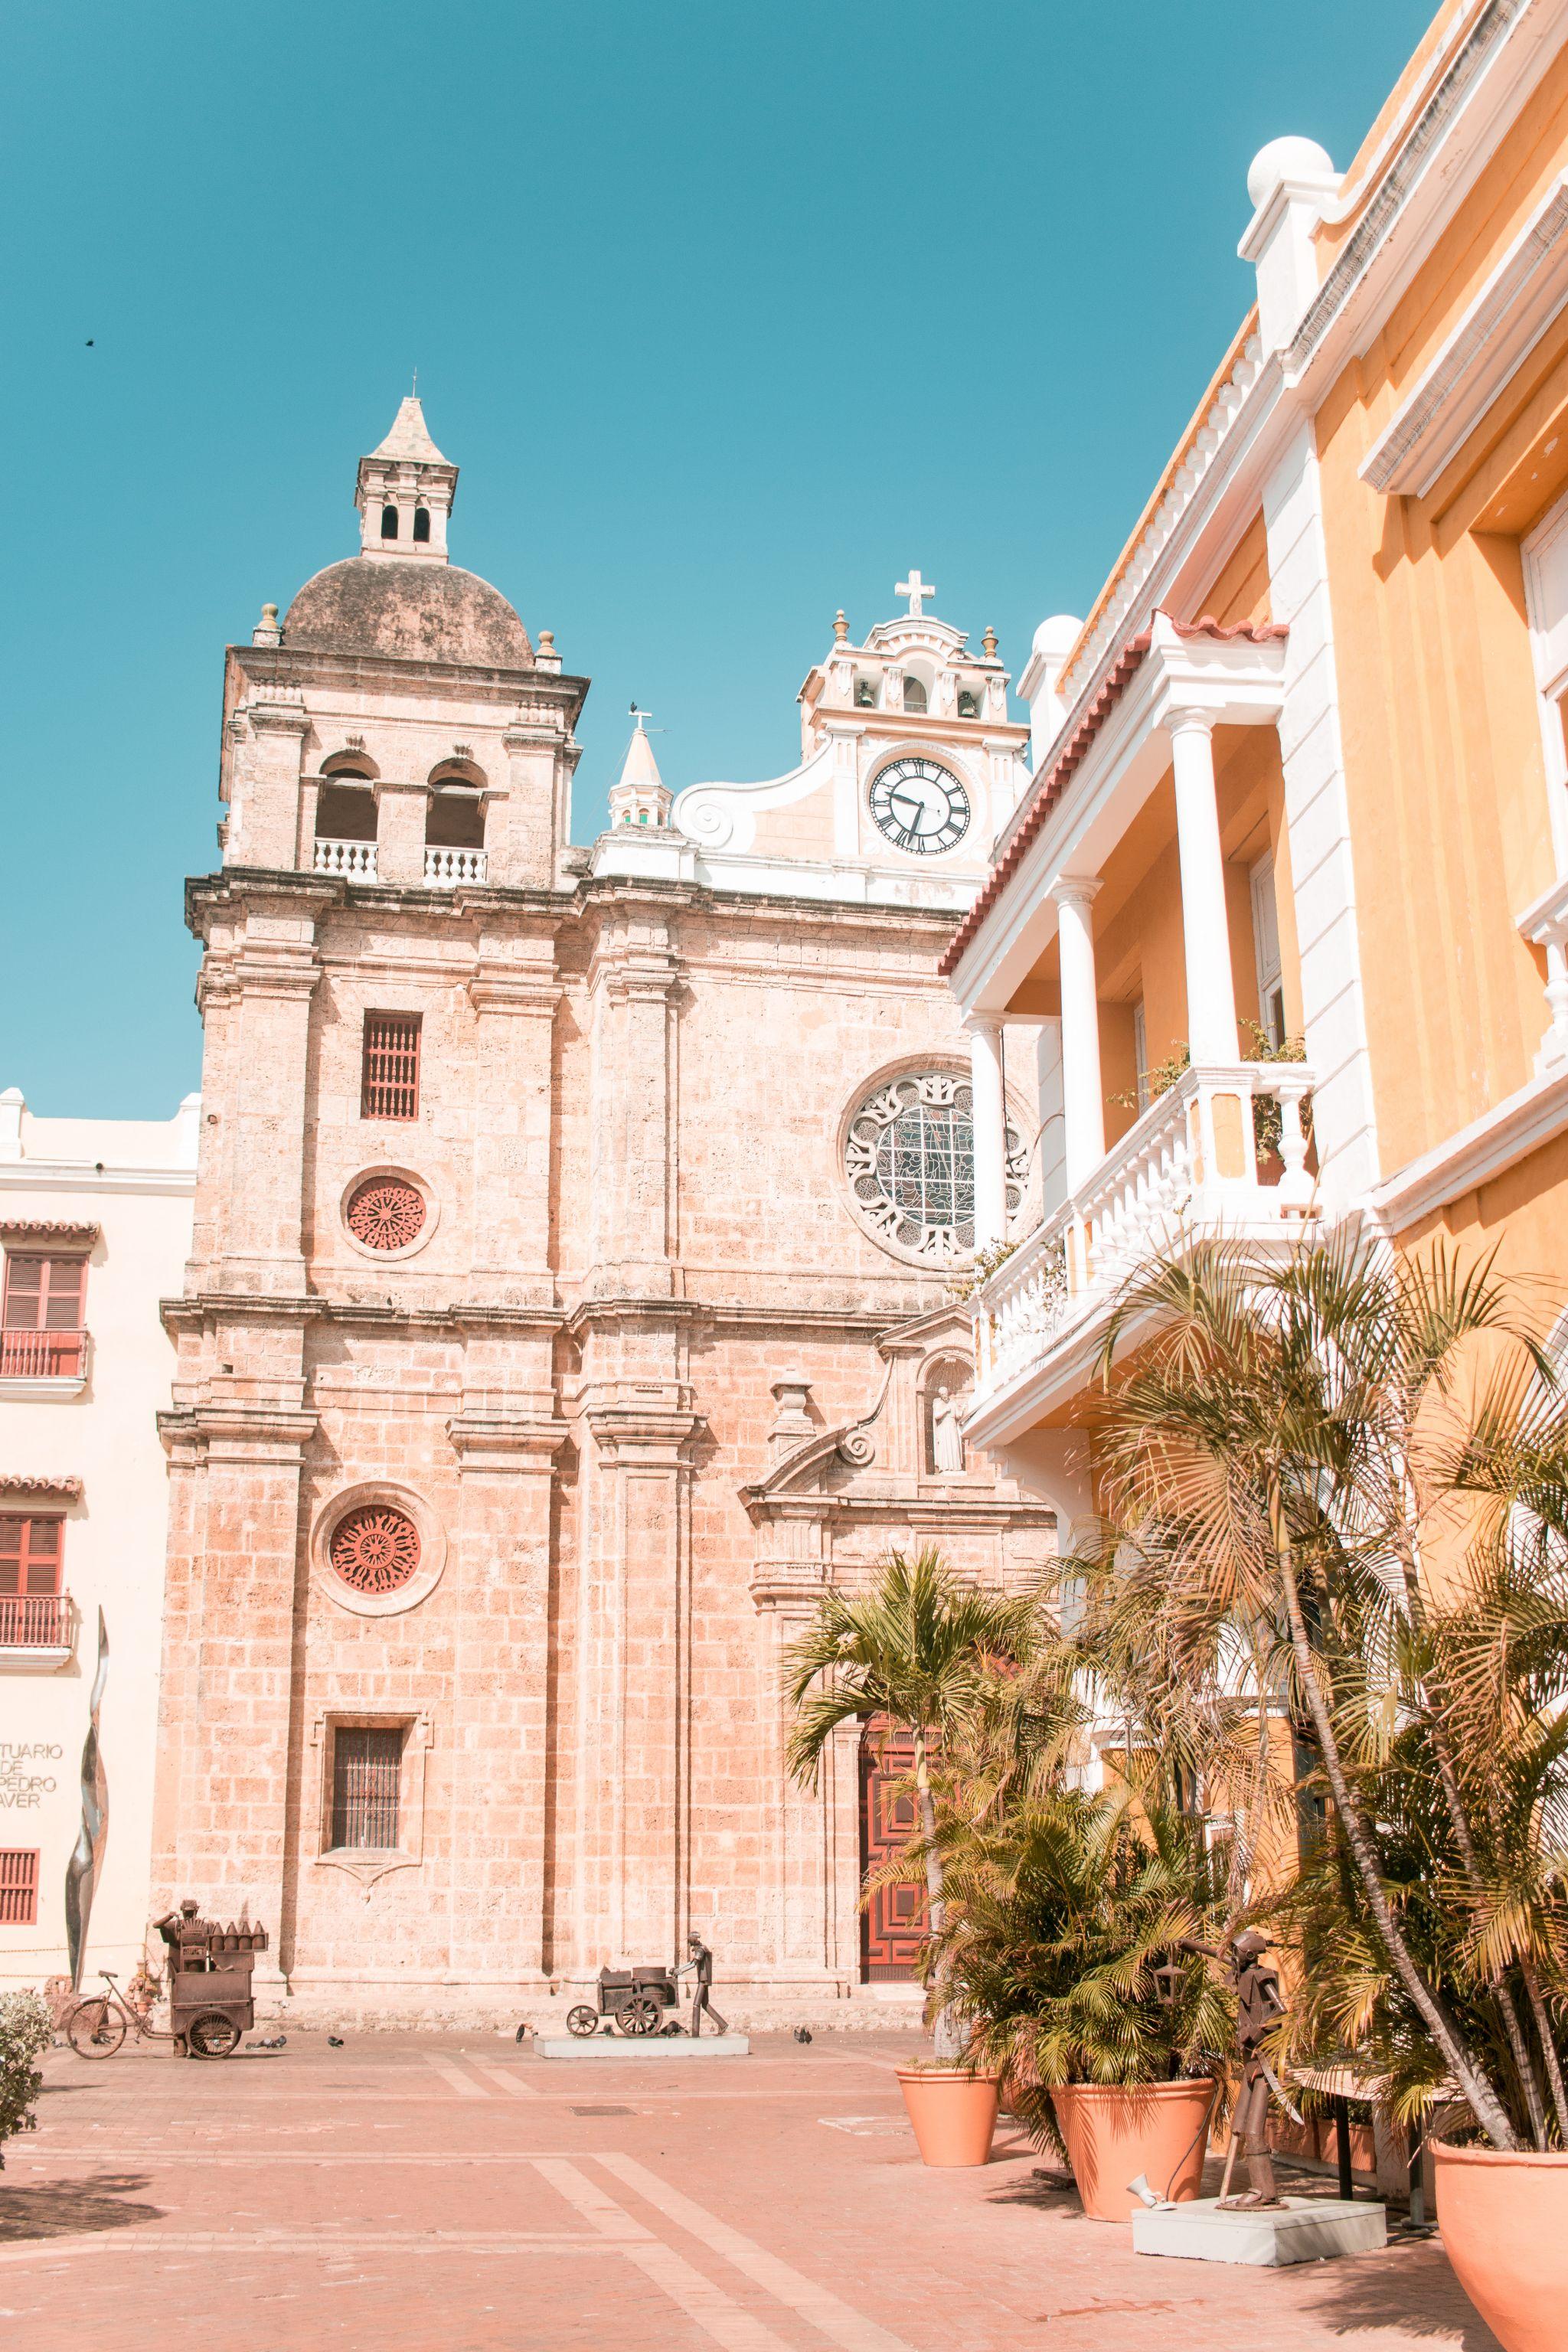 Cartagena Travel Guide Colombia Iglesia de San Pedro Claver architecture